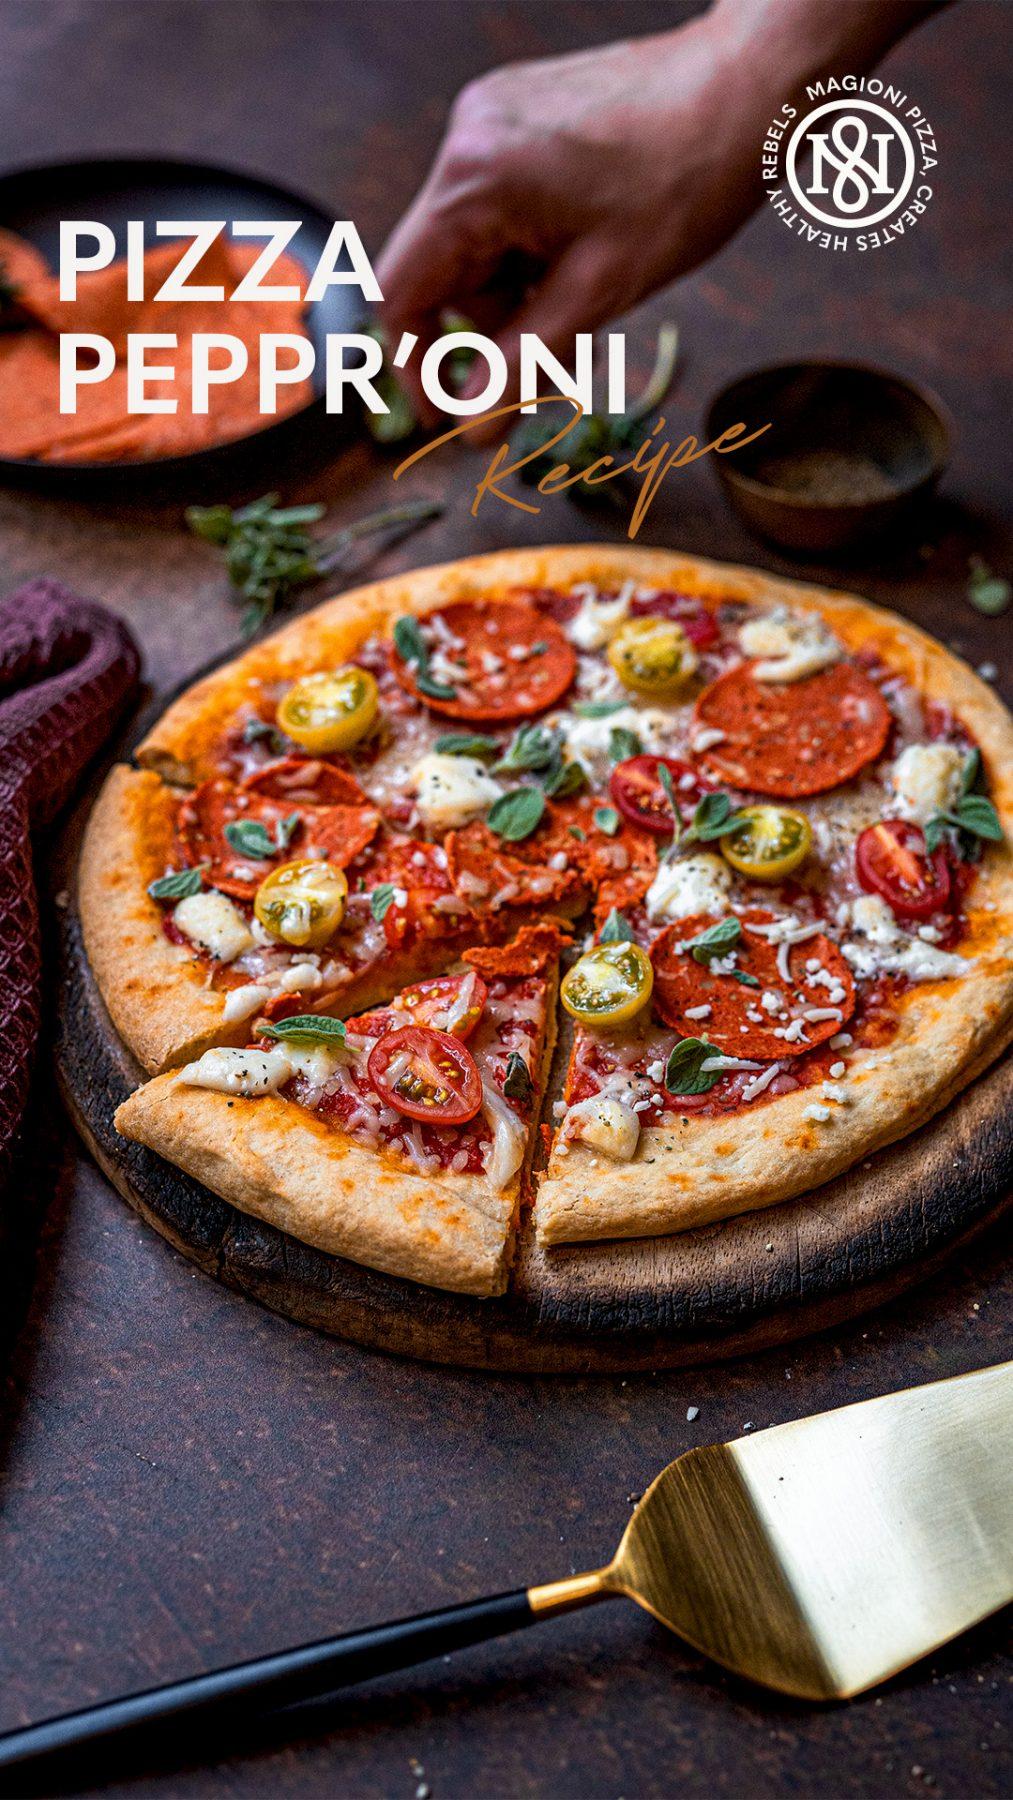 pizza peppr'oni